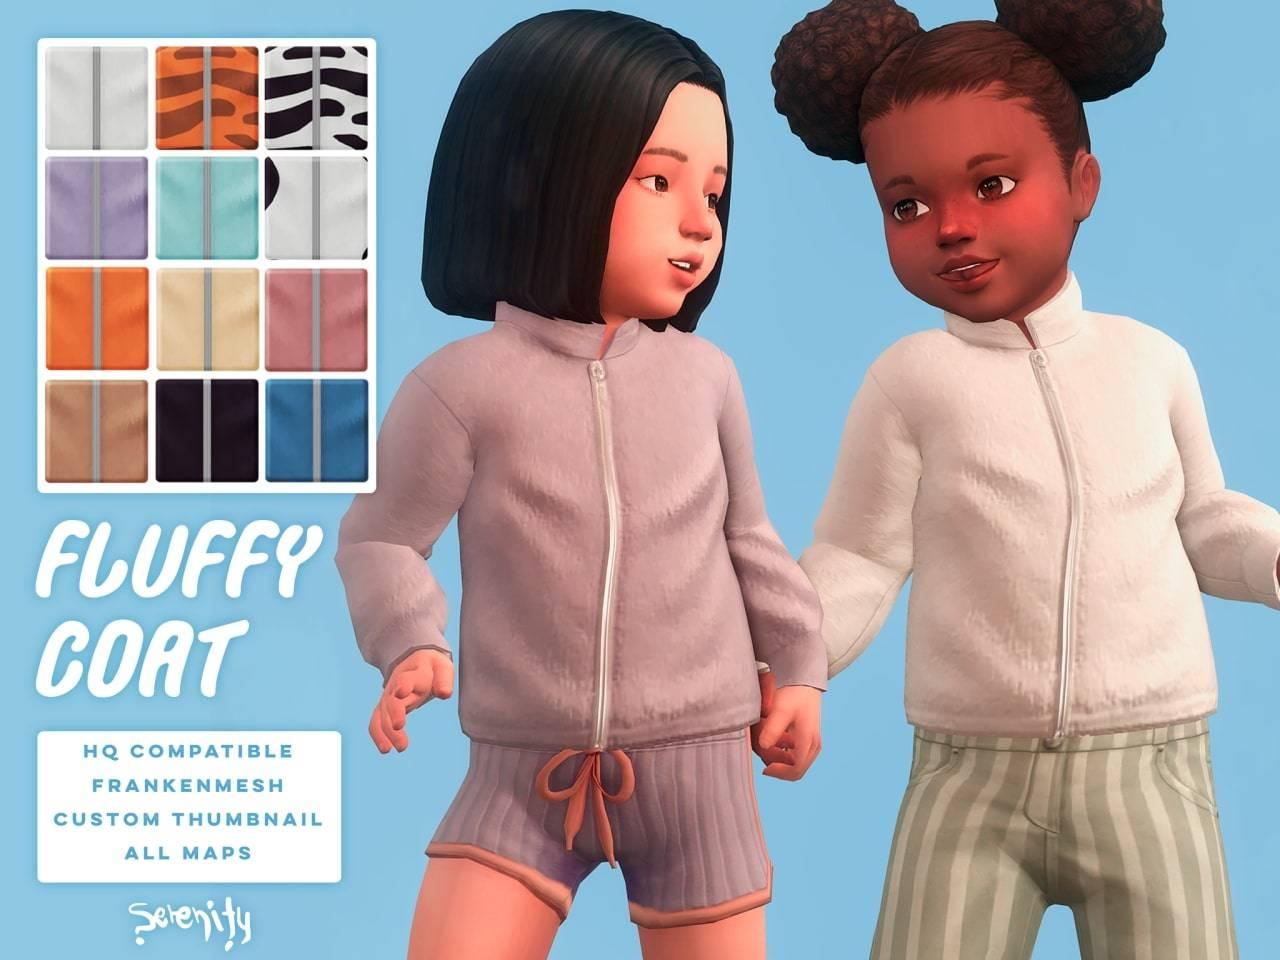 Кофта для малышей - fluffy coat